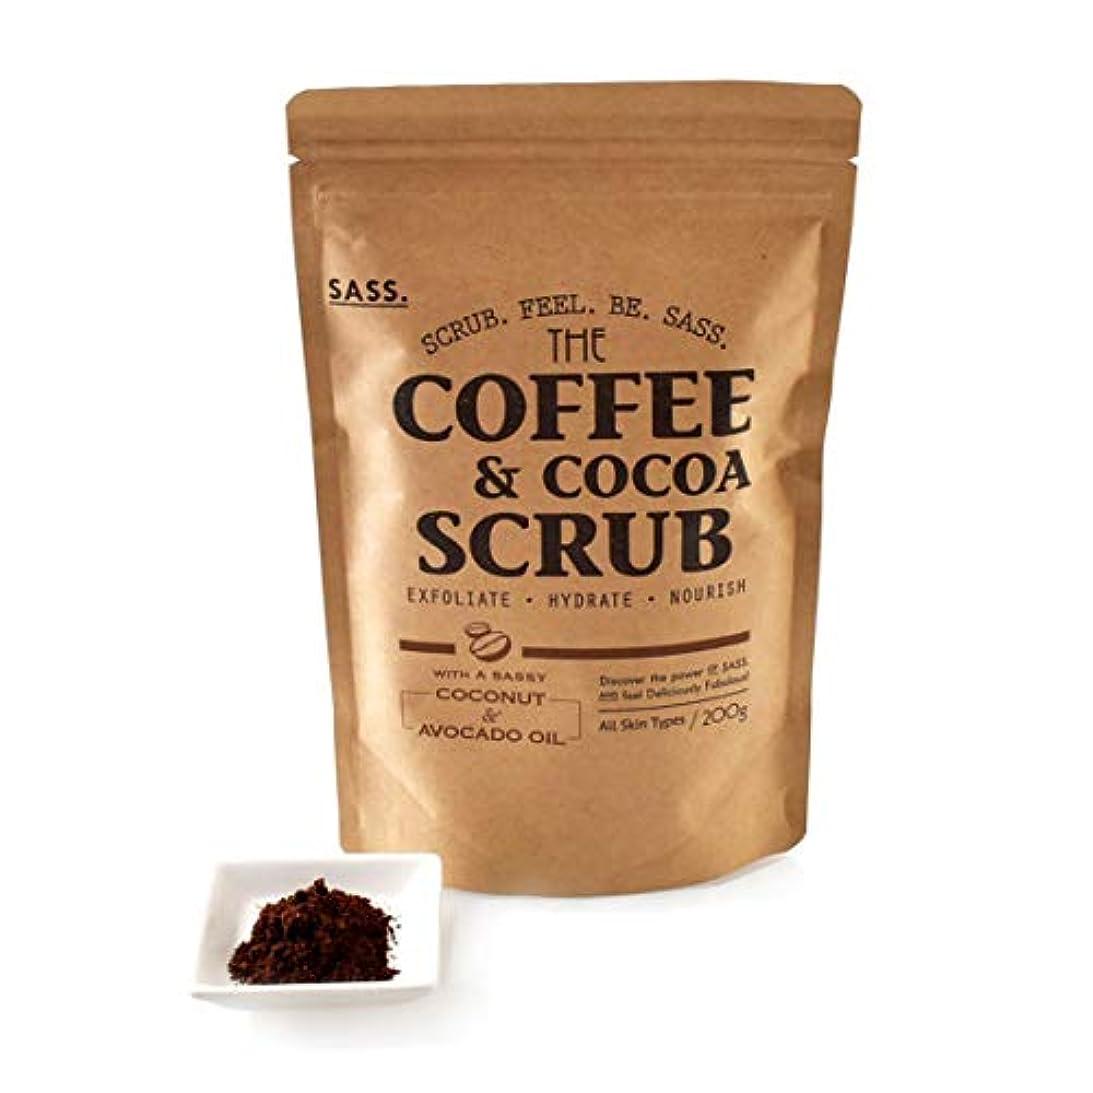 港形容詞九時四十五分日本製コーヒー&ココア?スクラブ